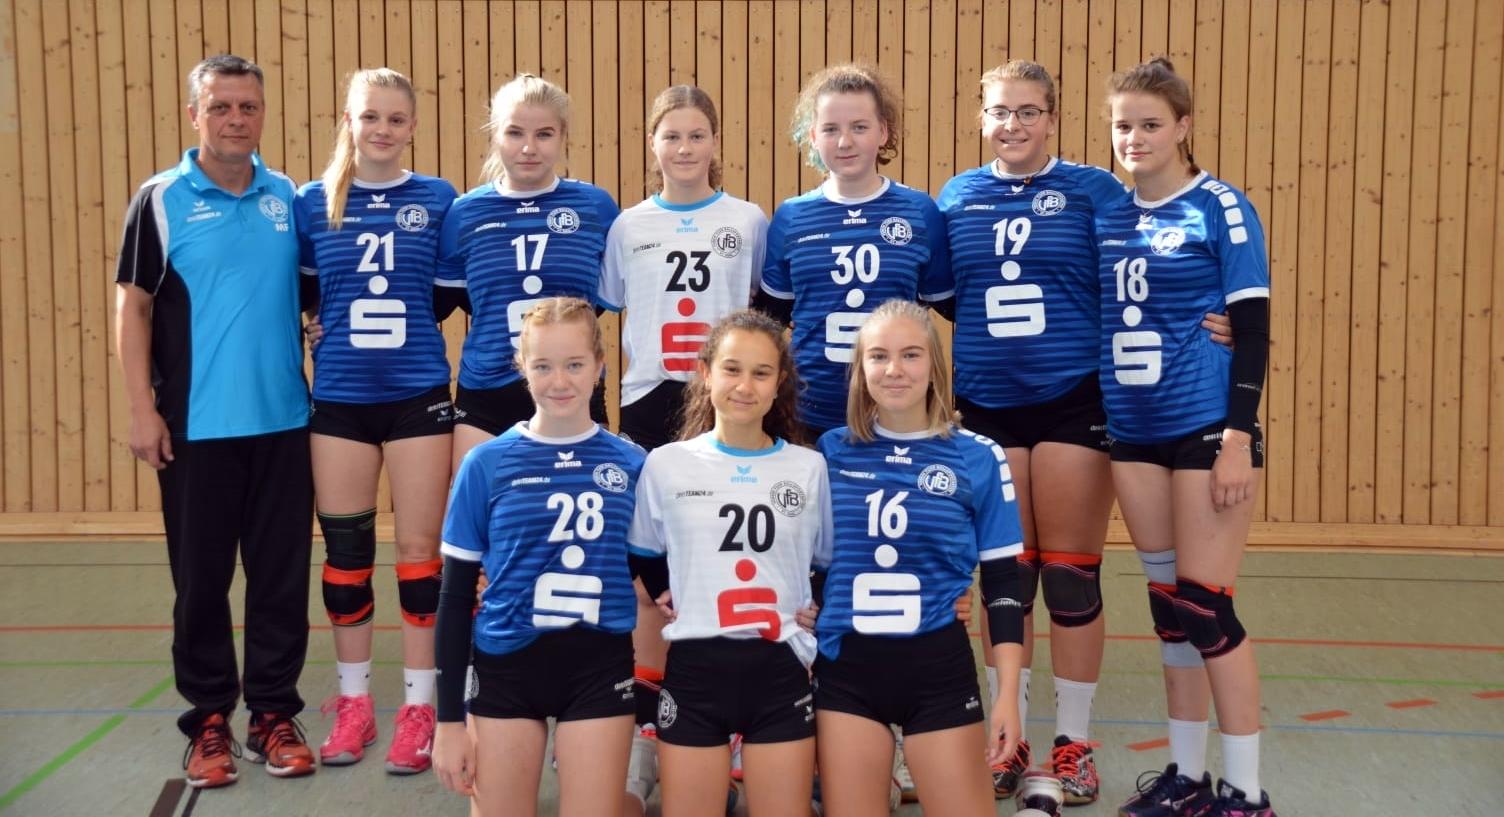 VfB 91 Suhl U18 Frauen (Team 2019/20)